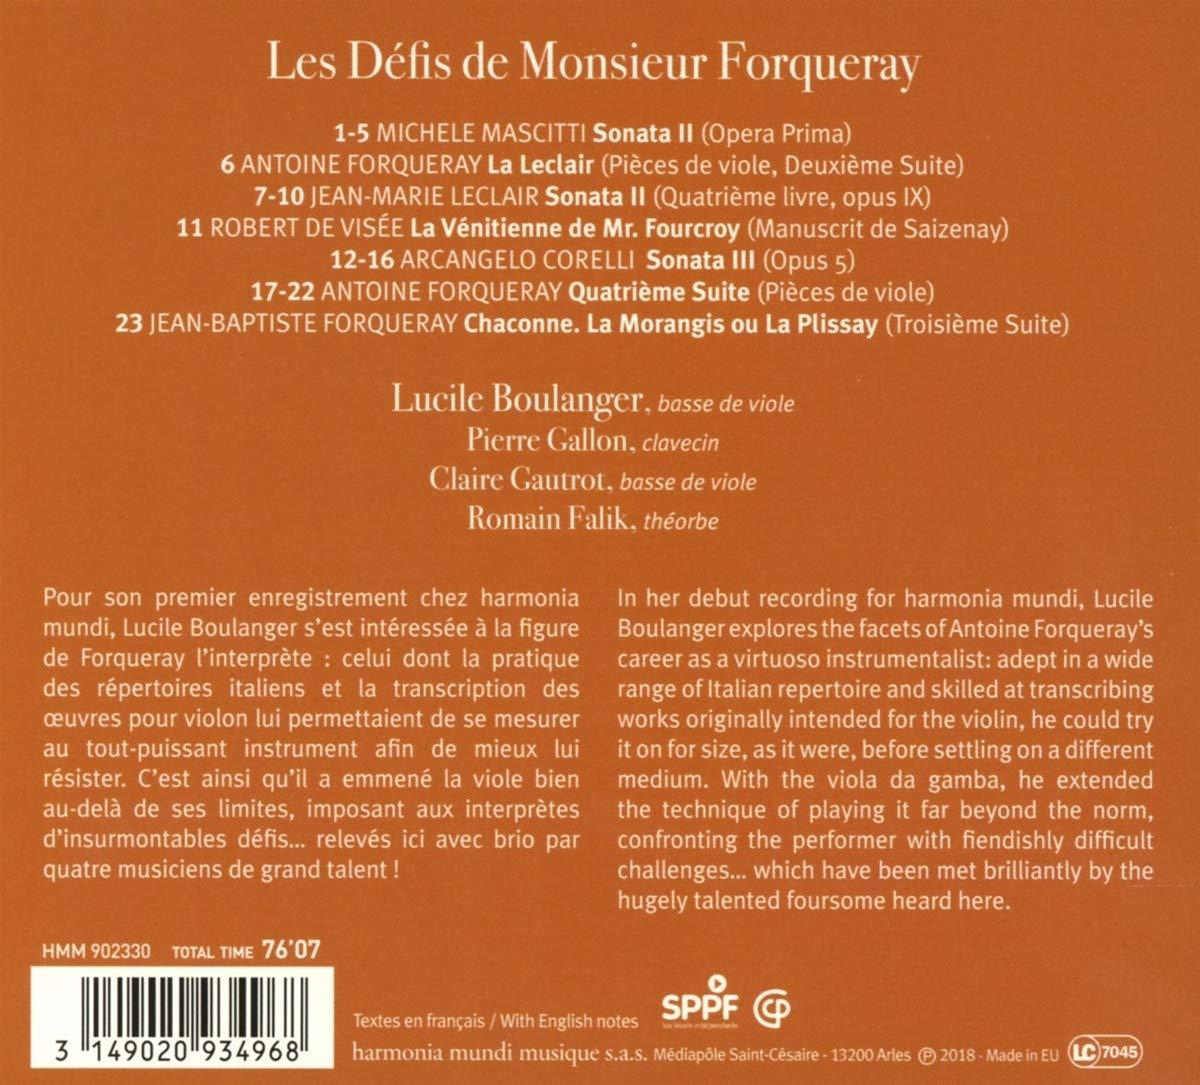 Les Défis de Monsieur Forqueray: Lucile Boulanger Pierre Gallon Clai, Forqueray/Leclair: Amazon.fr: Musique